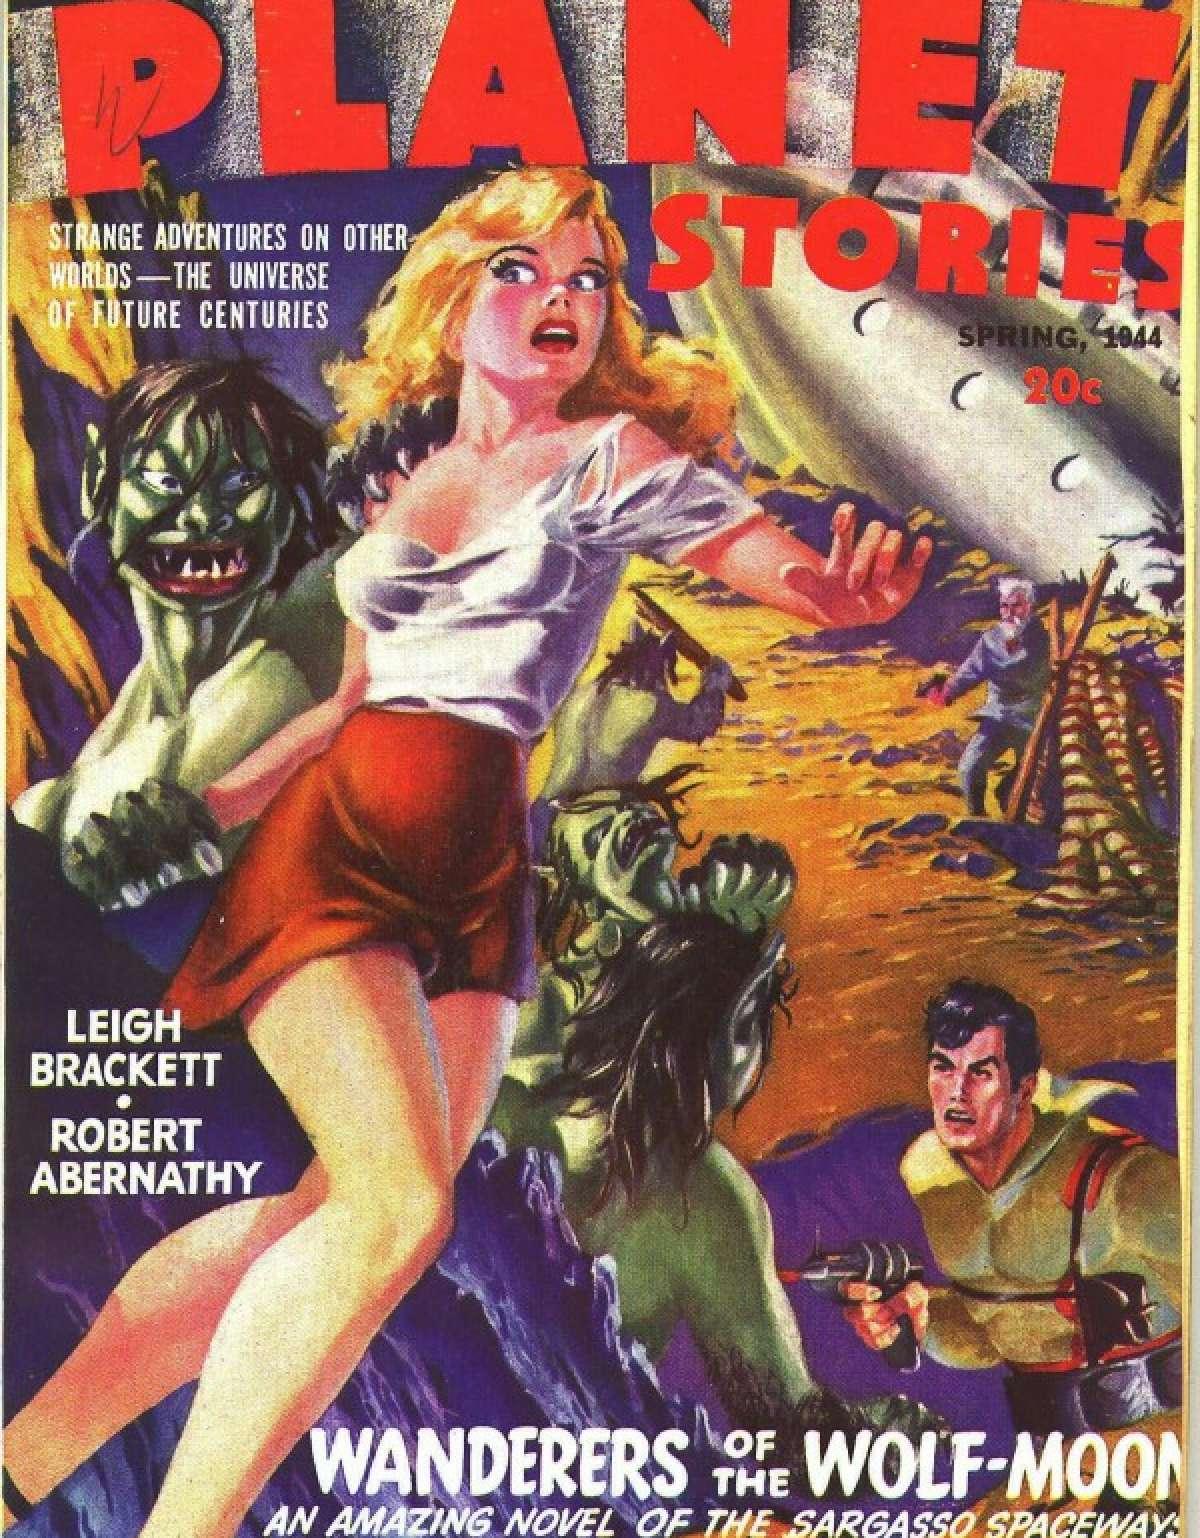 Couverture d'un magazine «pulp» des années 1940.